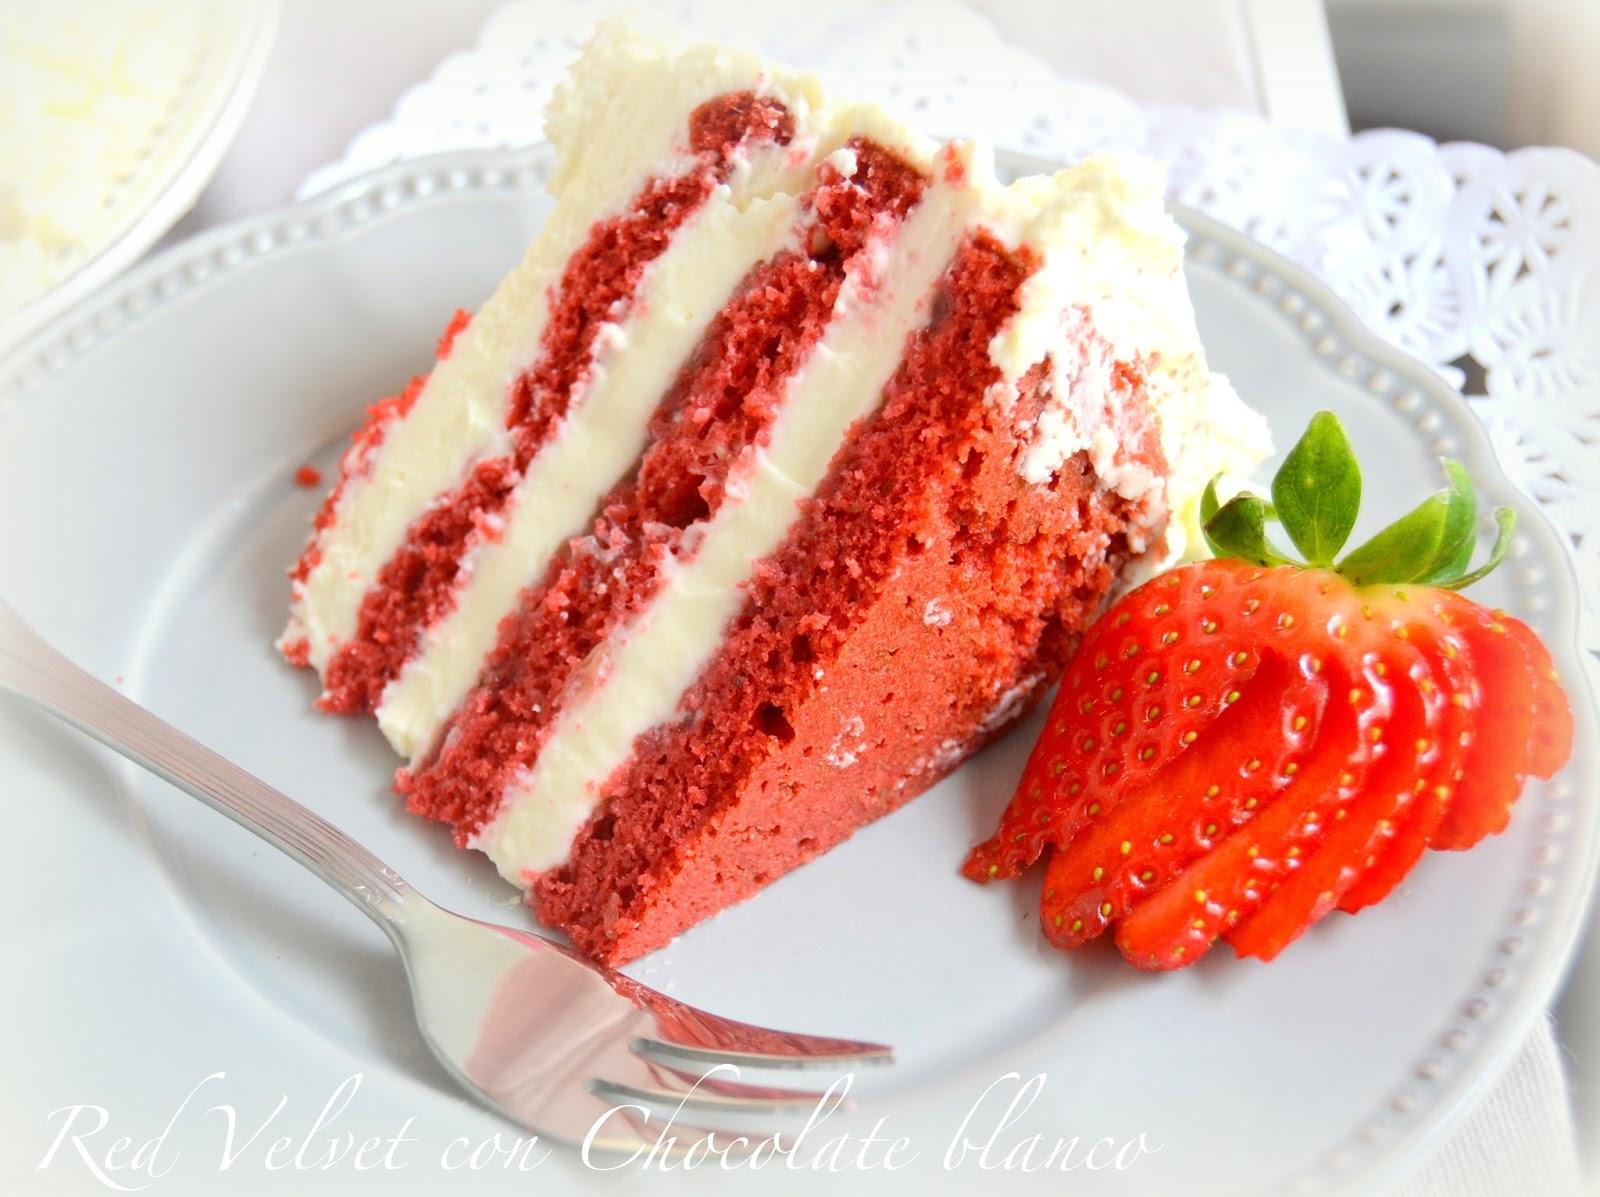 Red velvet con fresas y chocolate blanco. Sencillo, fácil, casero. Recetas para San Valentín, día de los enamorados.